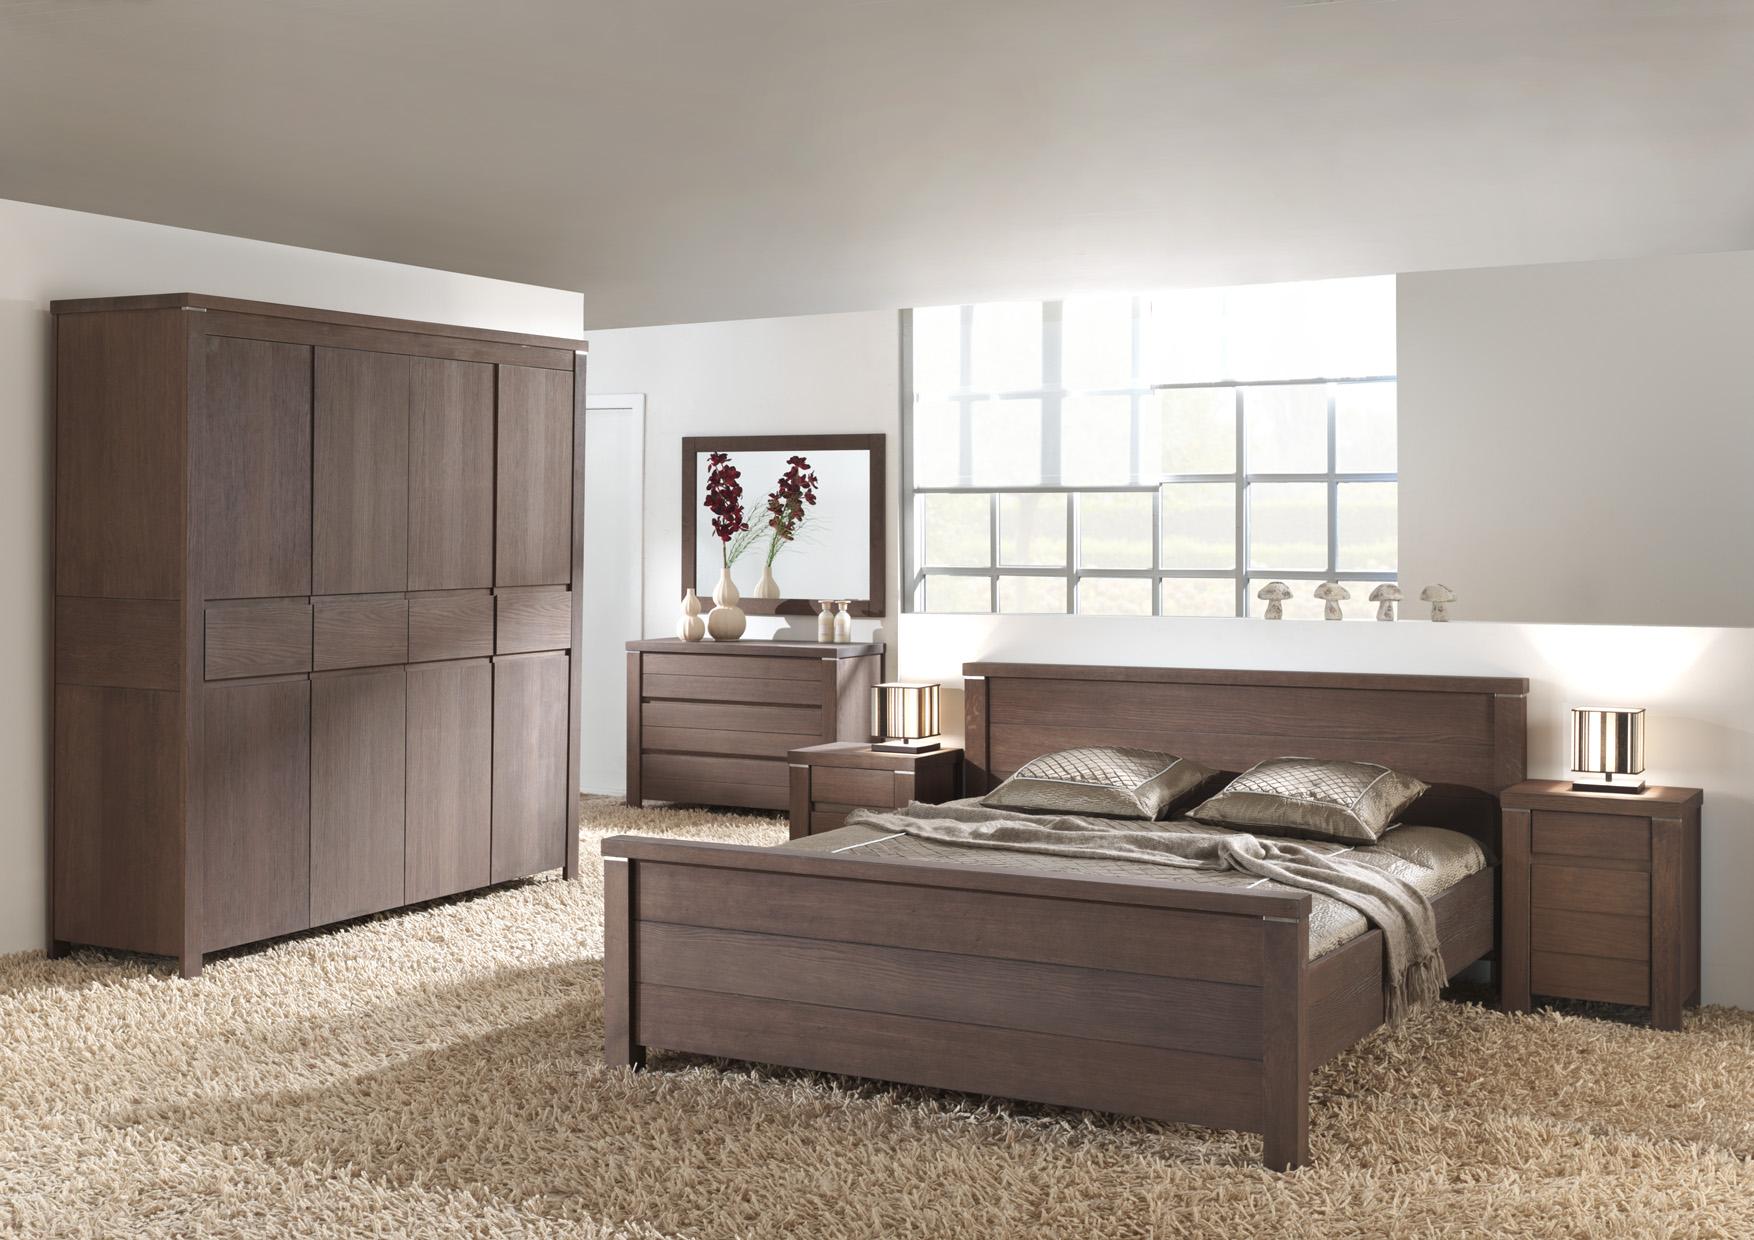 Kleur Voor Slaapkamer : Landelijke slaapkamer nature kleur elephant grey hout deba